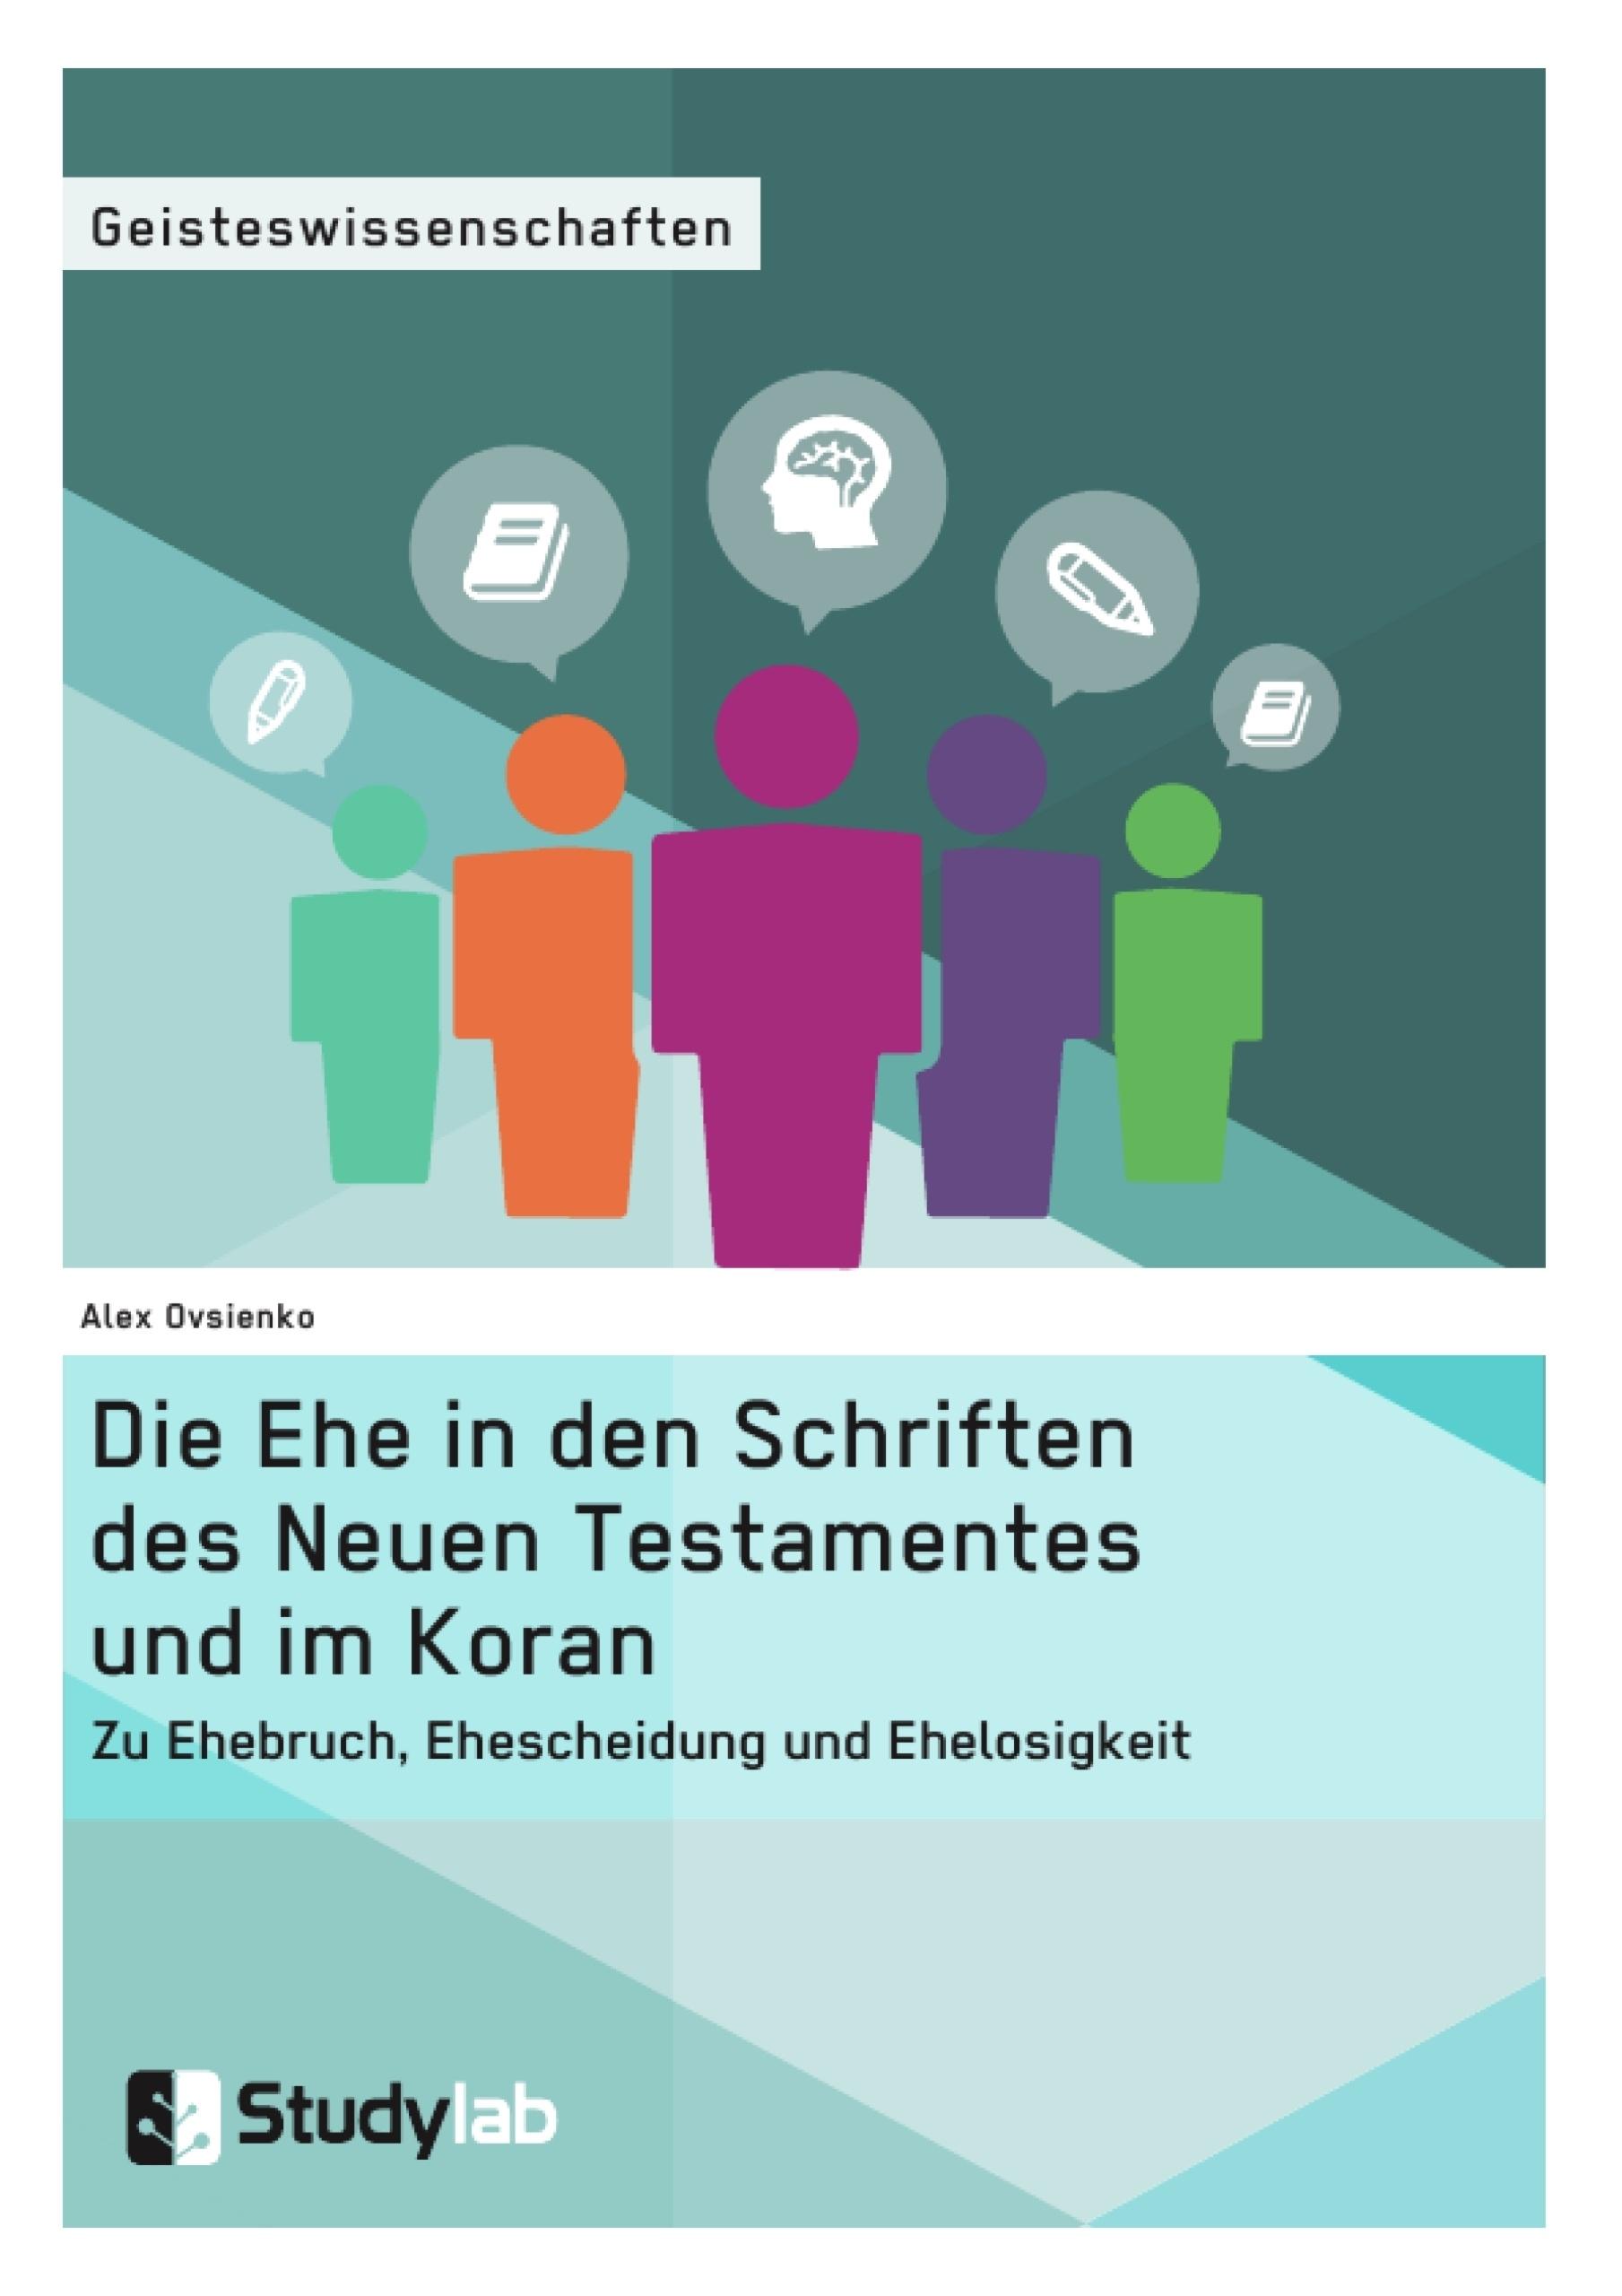 Titel: Die Ehe in den Schriften des Neuen Testamentes und im Koran. Zu Ehebruch, Ehescheidung und Ehelosigkeit